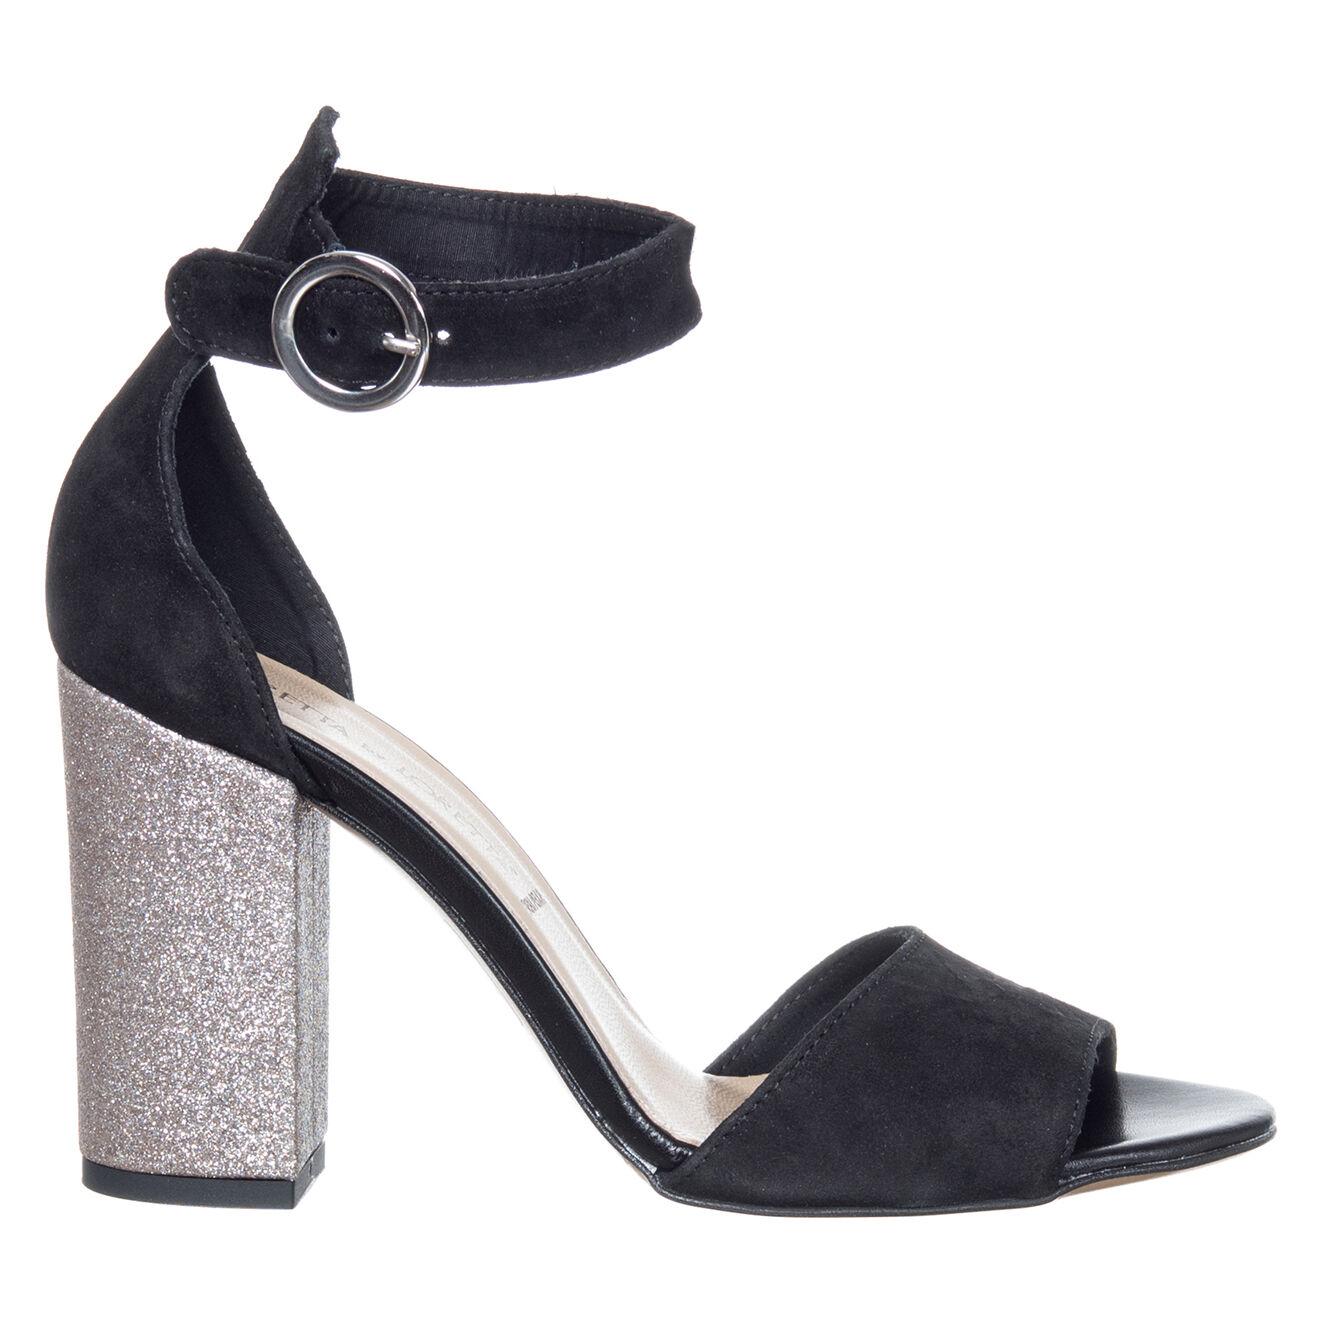 Sandales en Velours de Cuir Matilda noires - Talon 9 cm